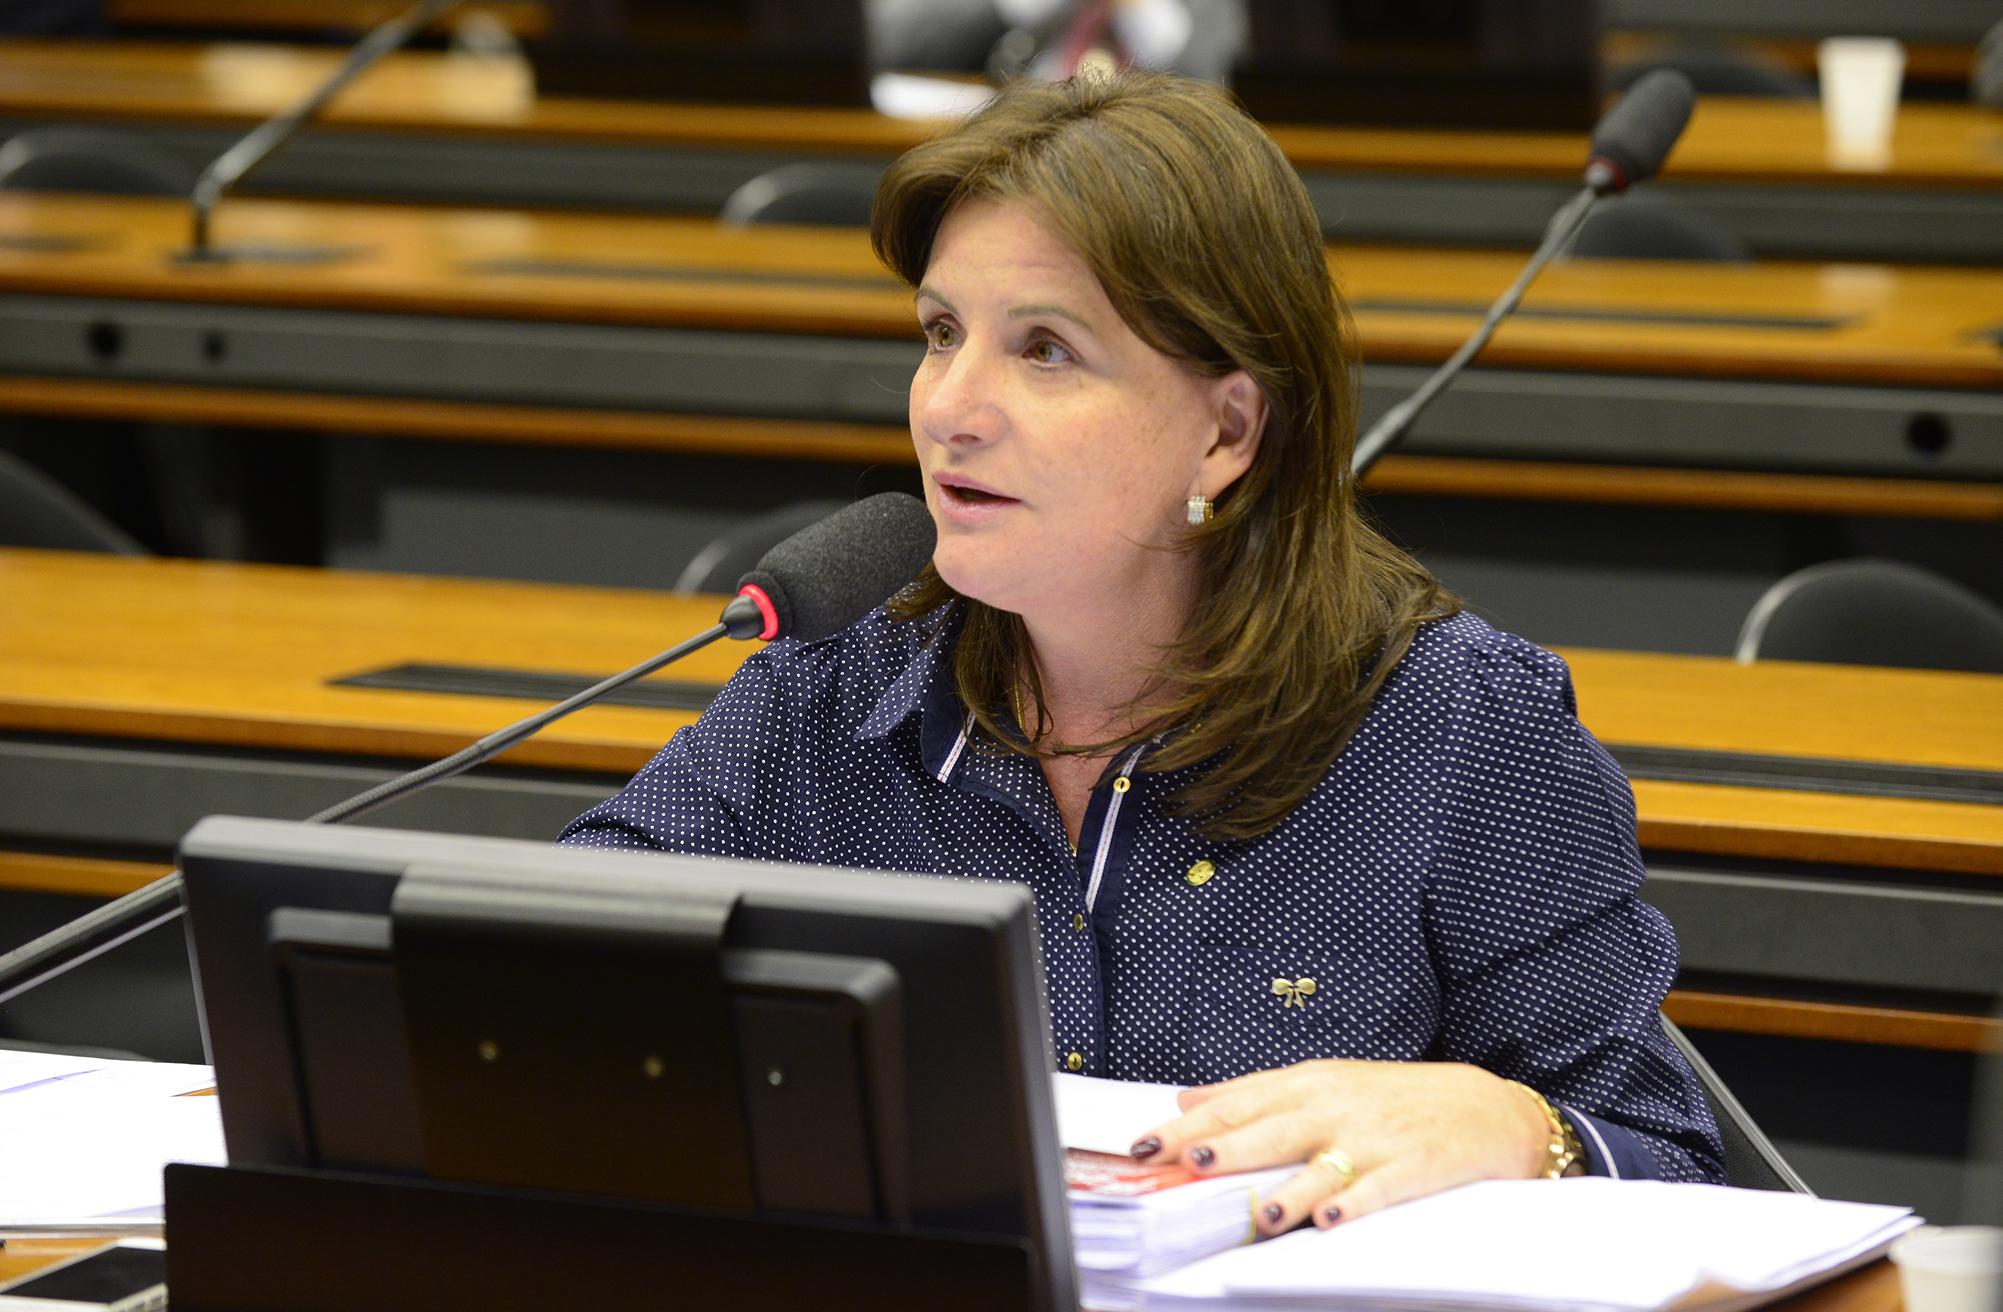 Reunião para apresentação de sugestões ao Relatório Final da CPI. Dep. Carmen Zanotto (PPS-SC)